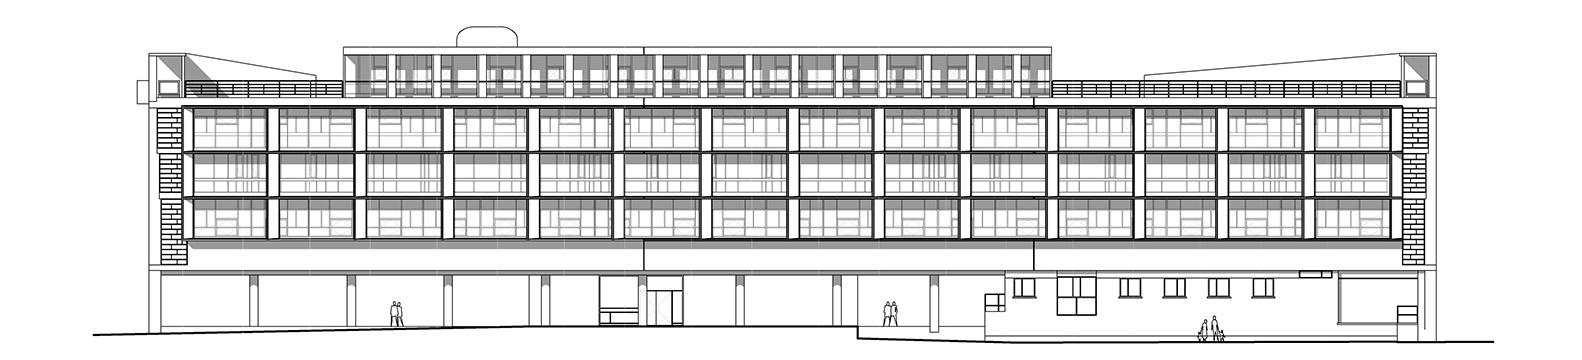 http://www.studiolada.fr/files/gimgs/203_duval-facade.jpg